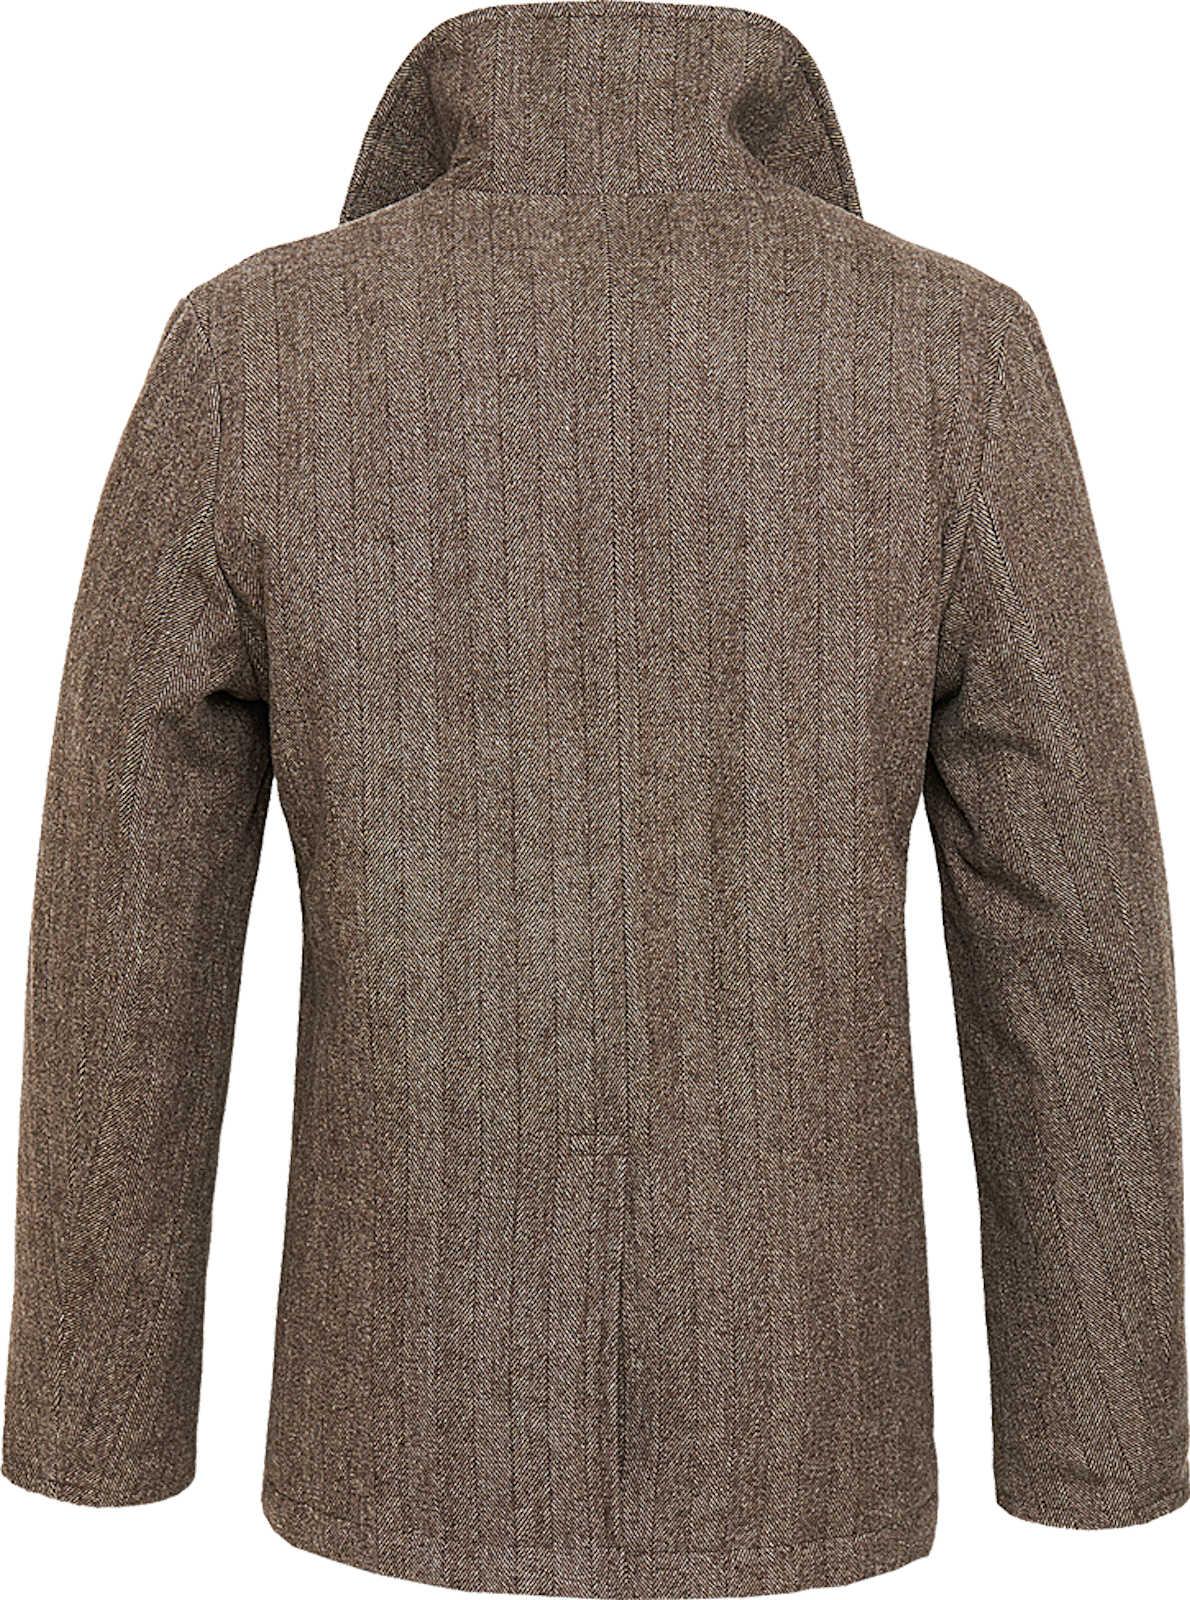 Brandit Uomo Pea Coat 3109 Marine Cappotto in lana inverno Giacca Caban Cappotto Corto